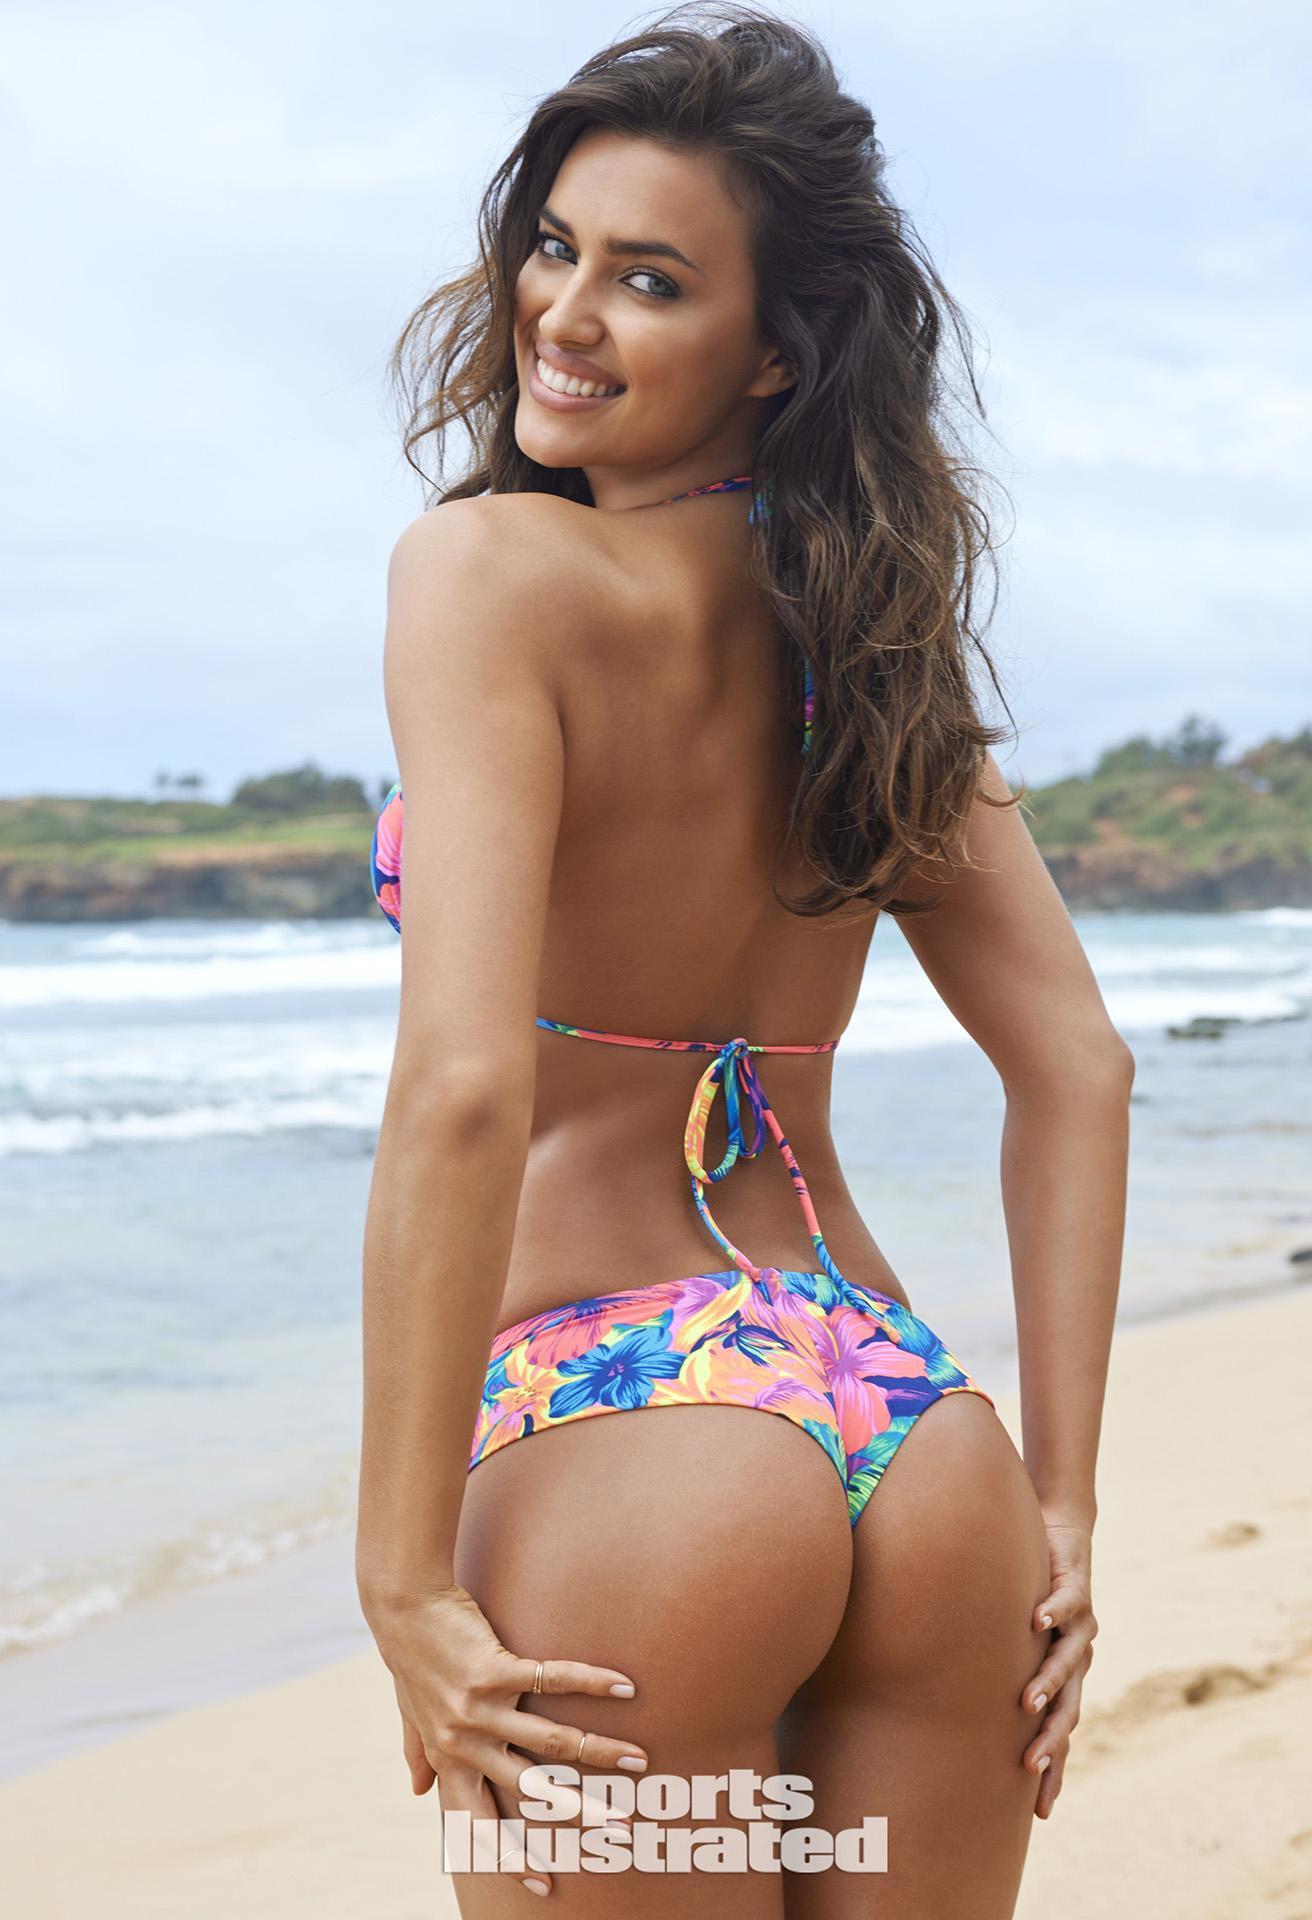 Irina Shayk Swimsuit Photos, Sports Illustrated Swimsuit 2015